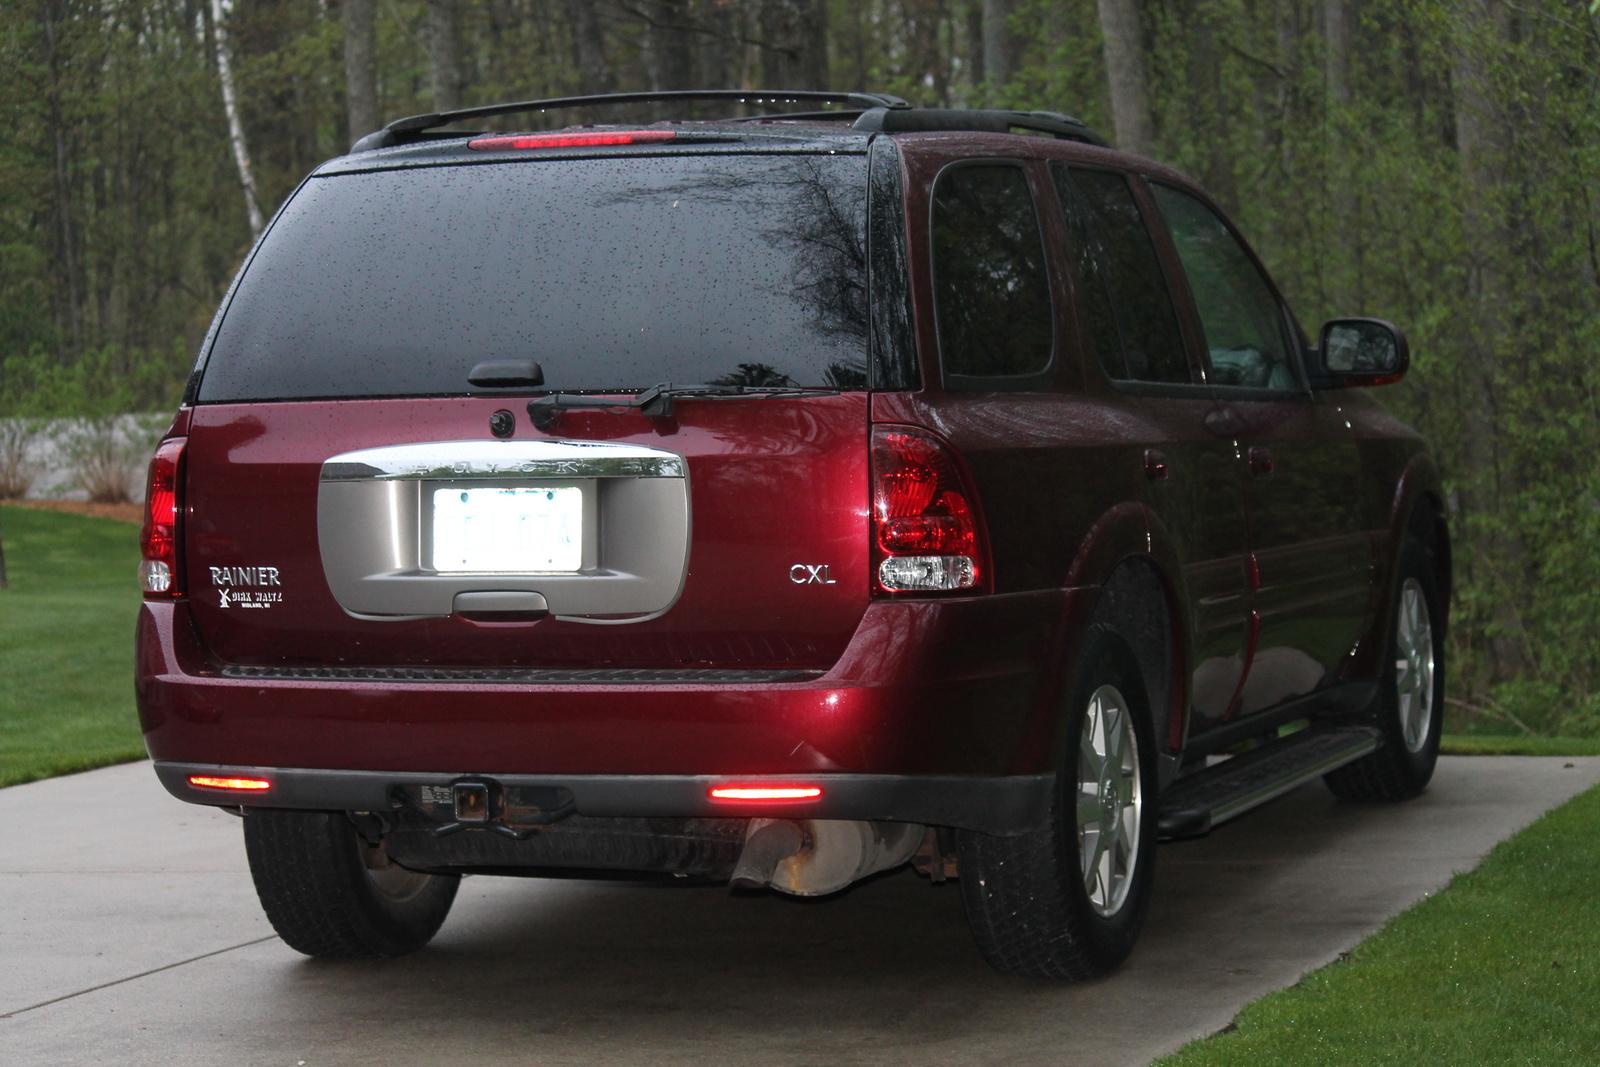 2006 Buick Rainier specs – OneGrandCars